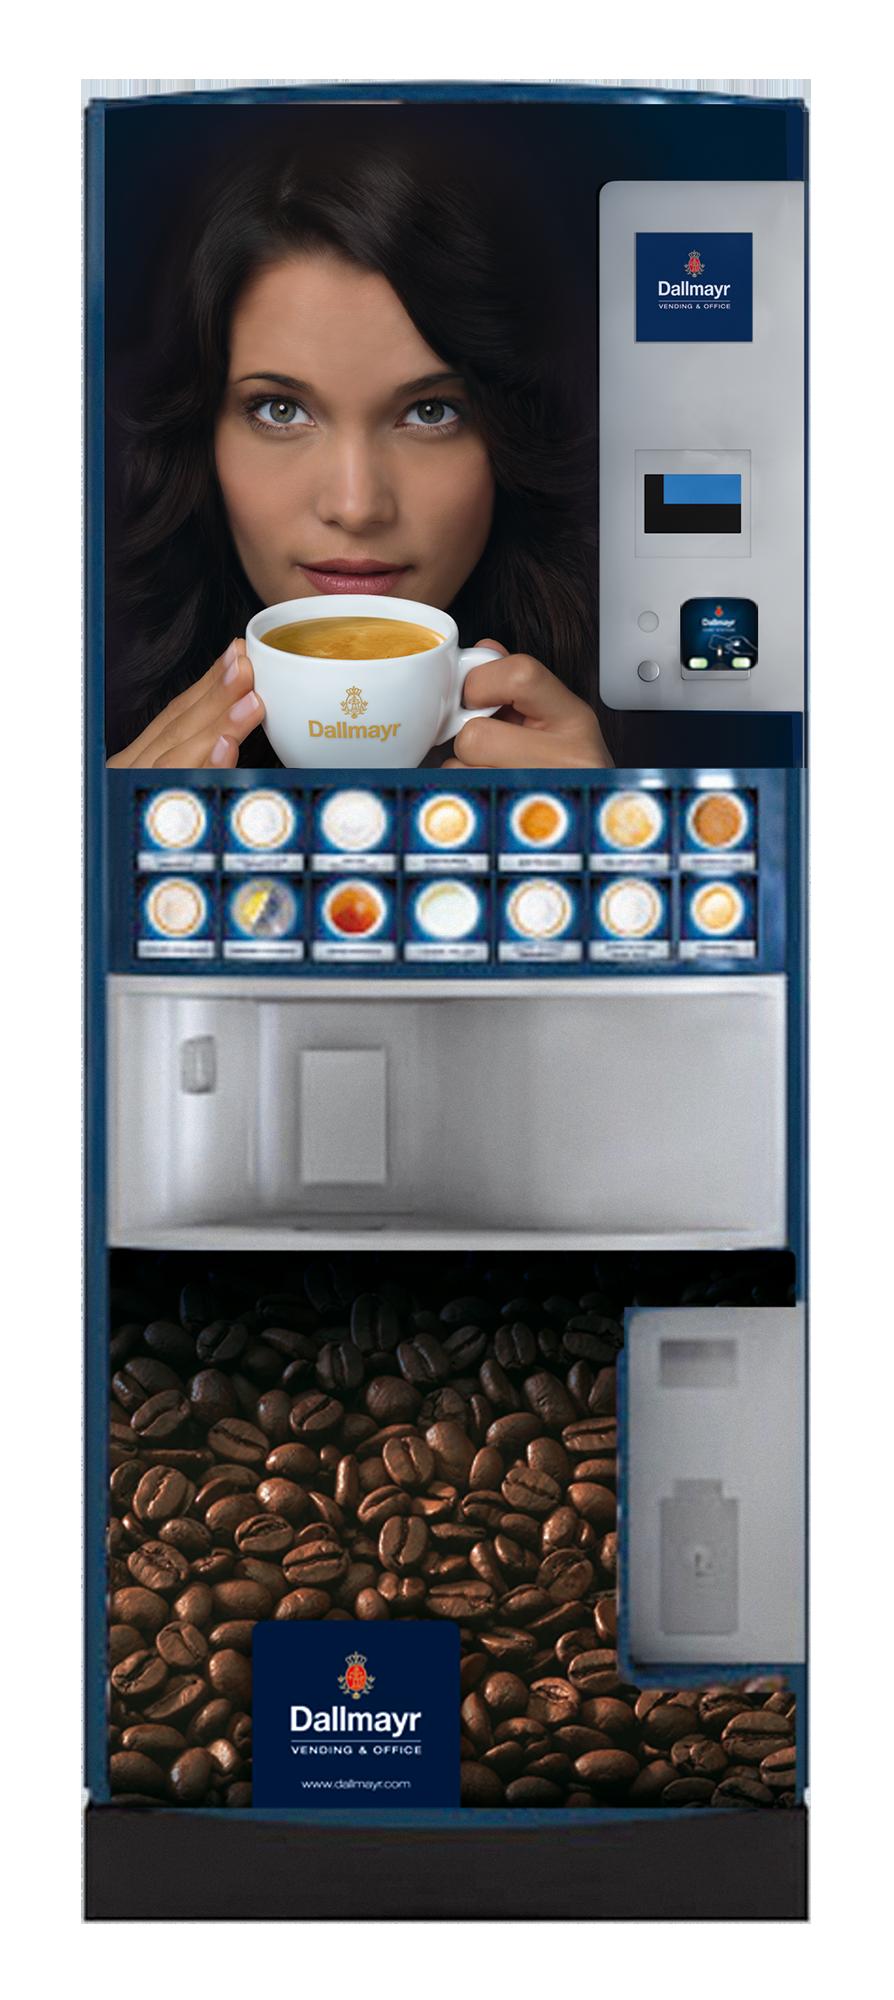 Dallmayr Kaffeeautomaten für Unternehmen entdecken